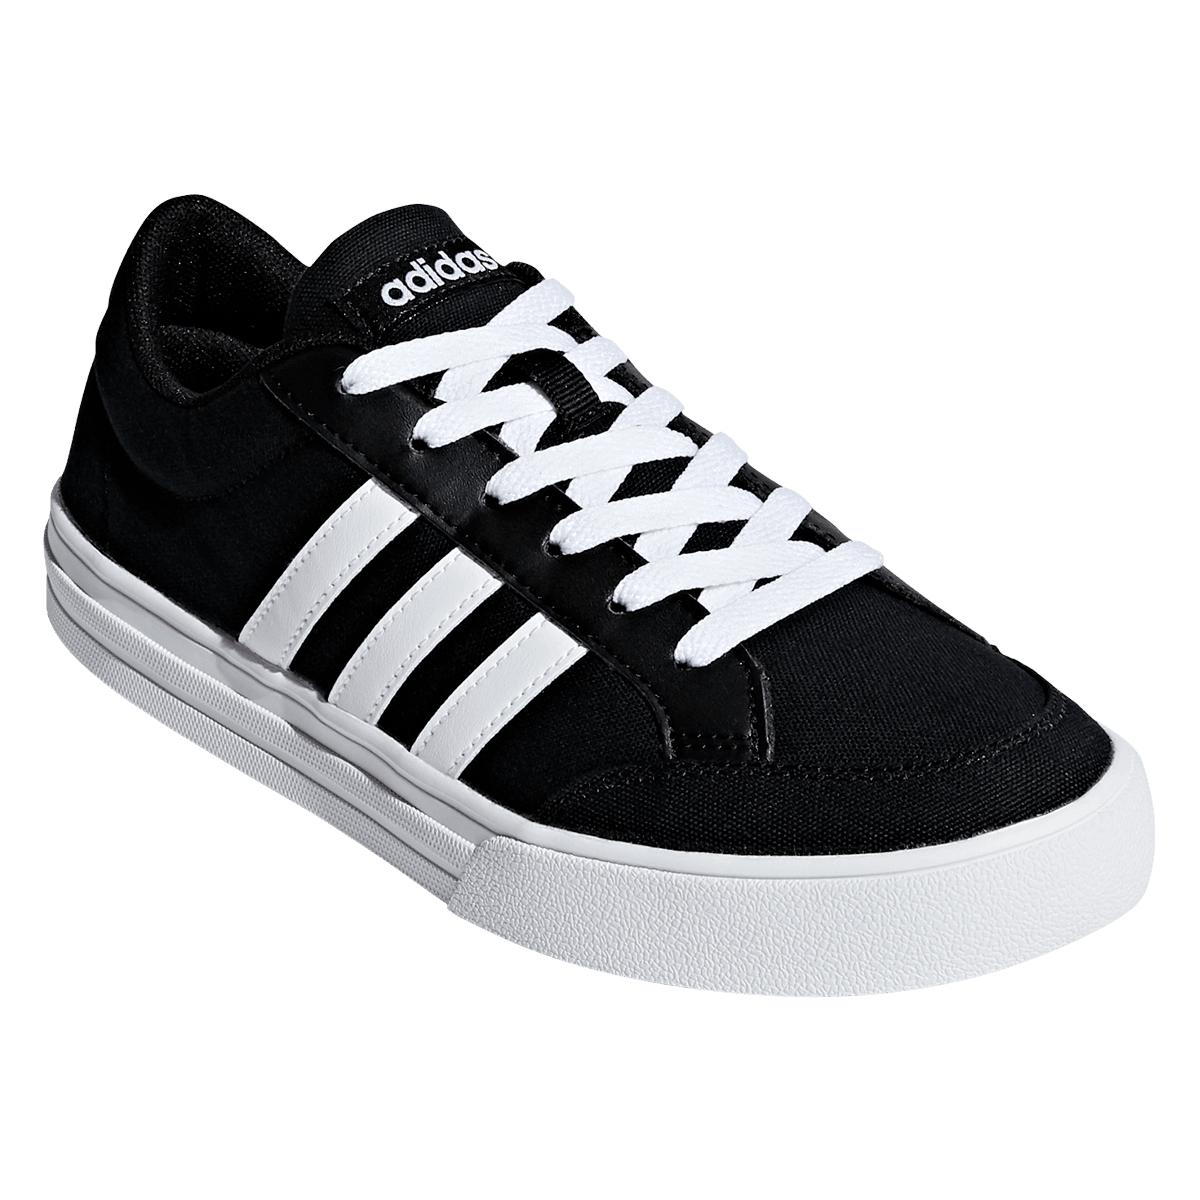 adidas Freizeitschuh VS Set schwarz/weiß (Gr. 38-48)